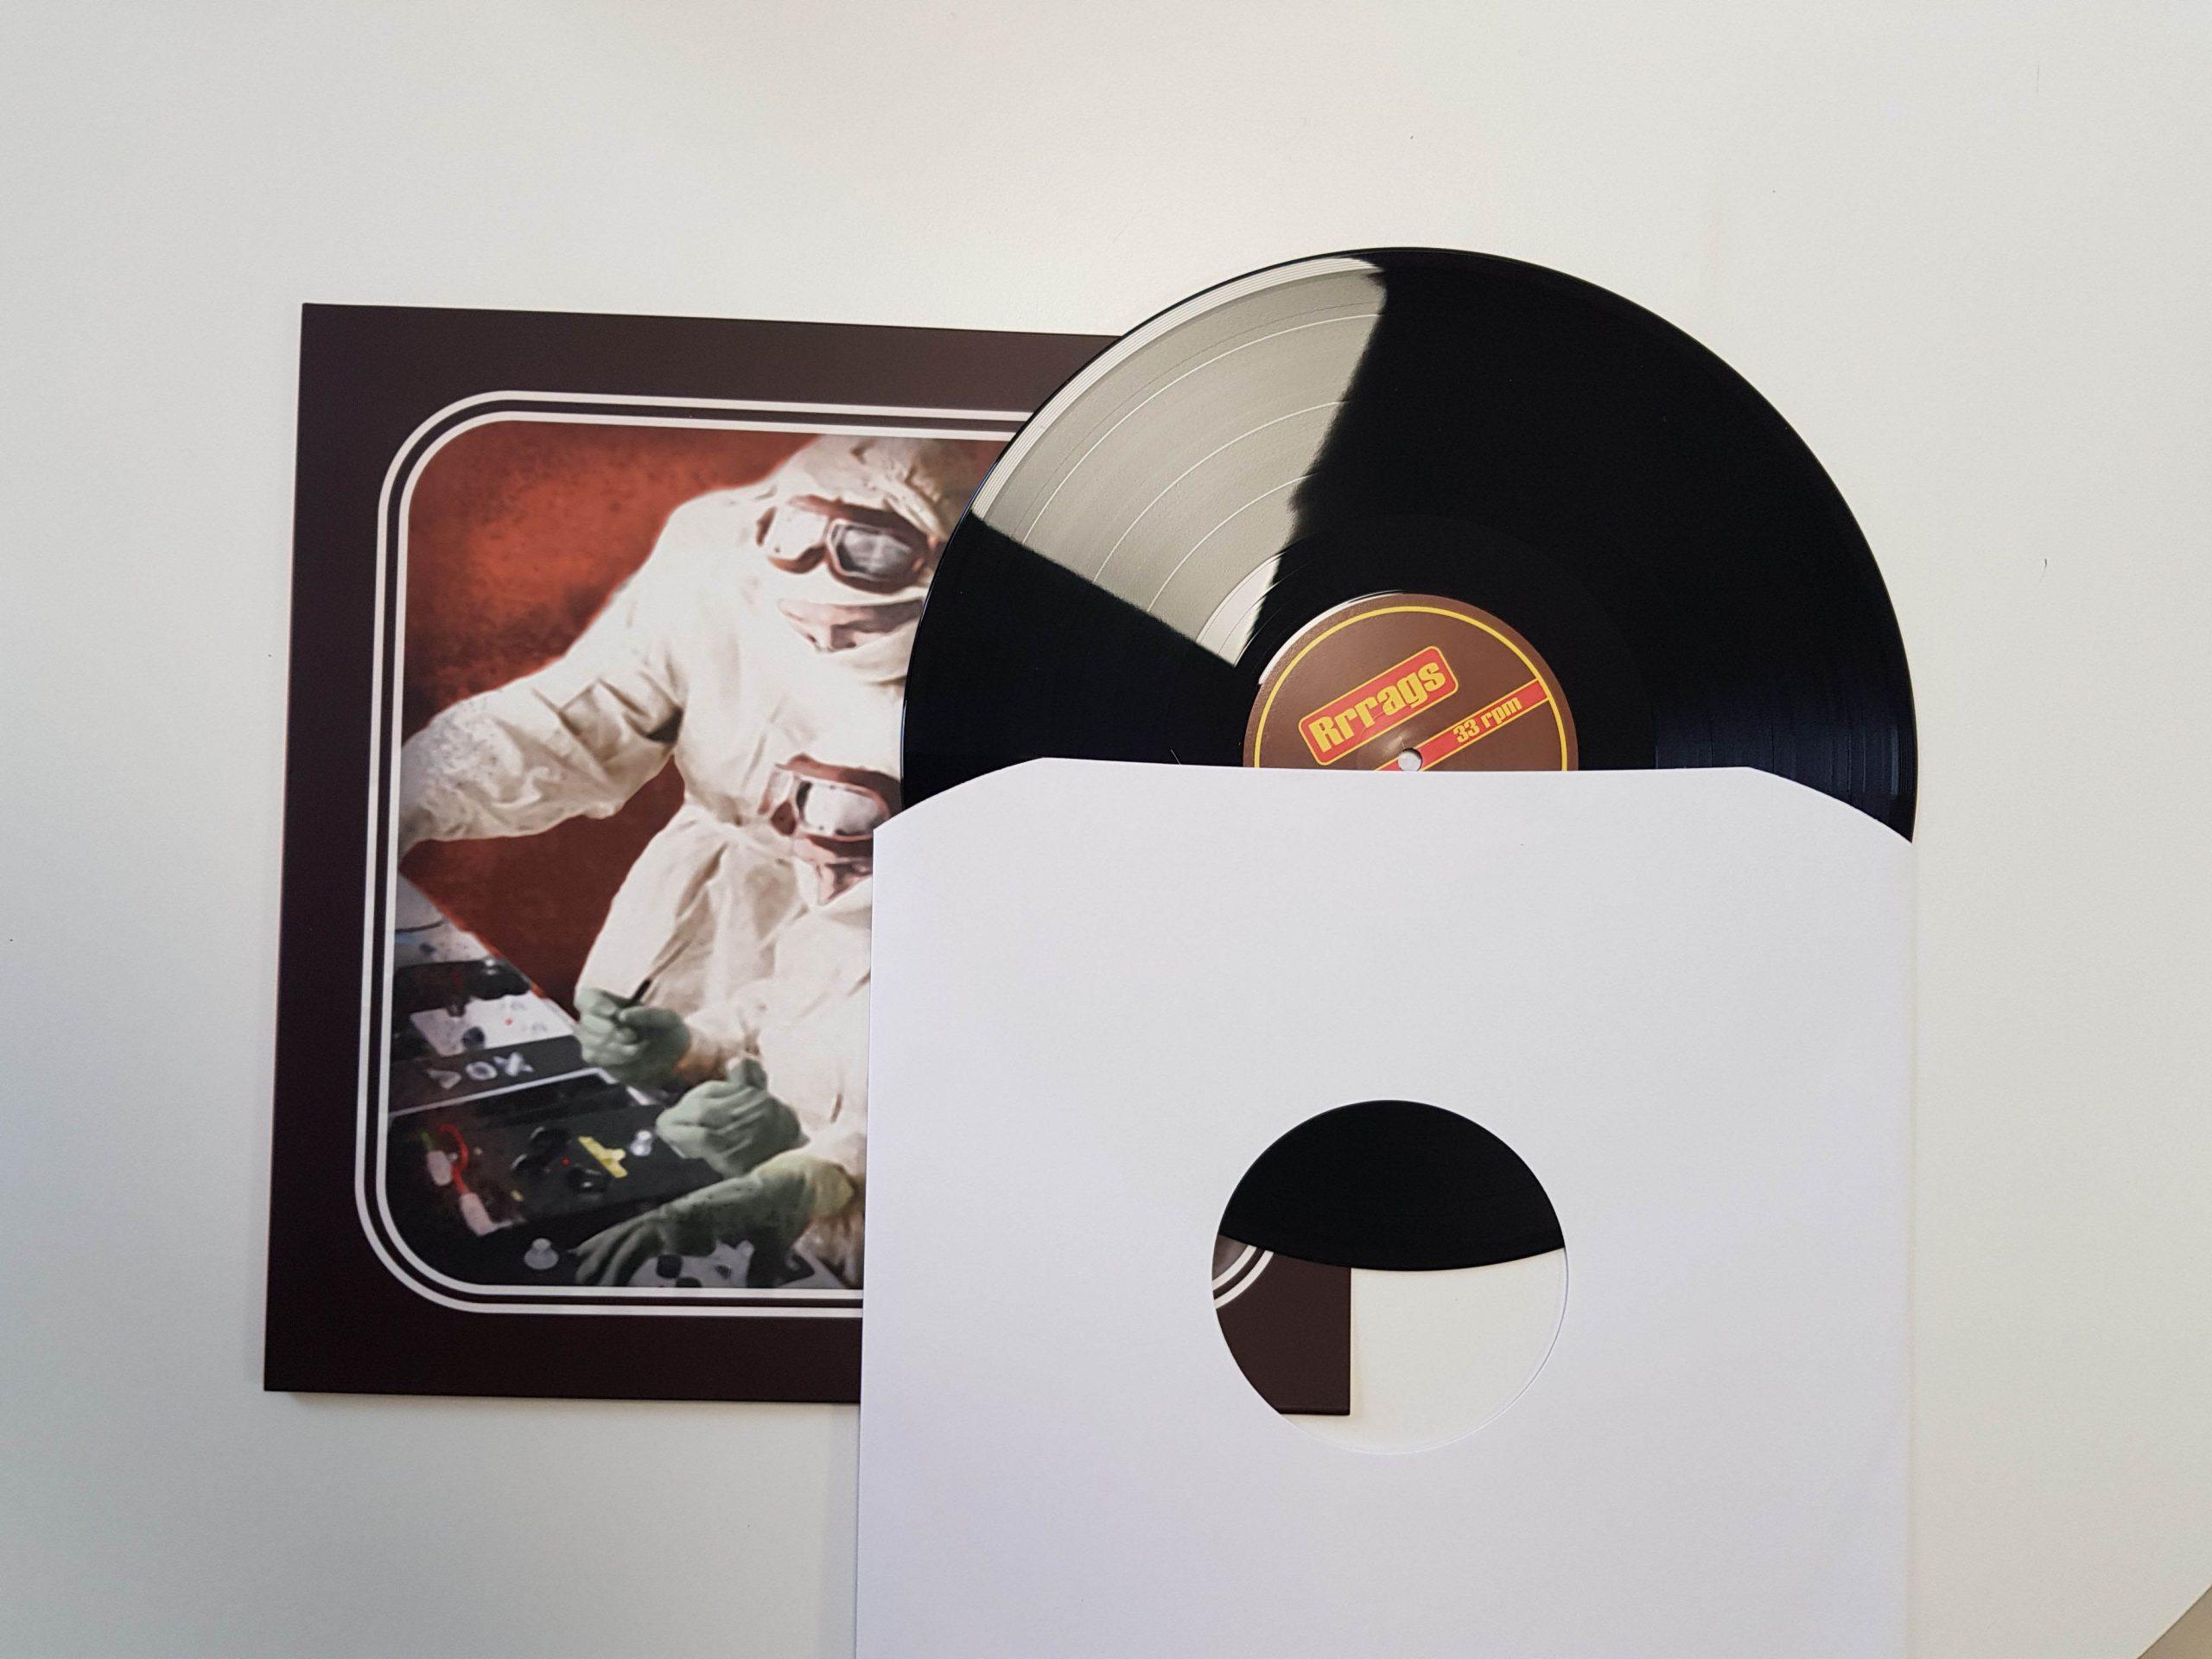 vinylplaat met binnen en buitenhoes